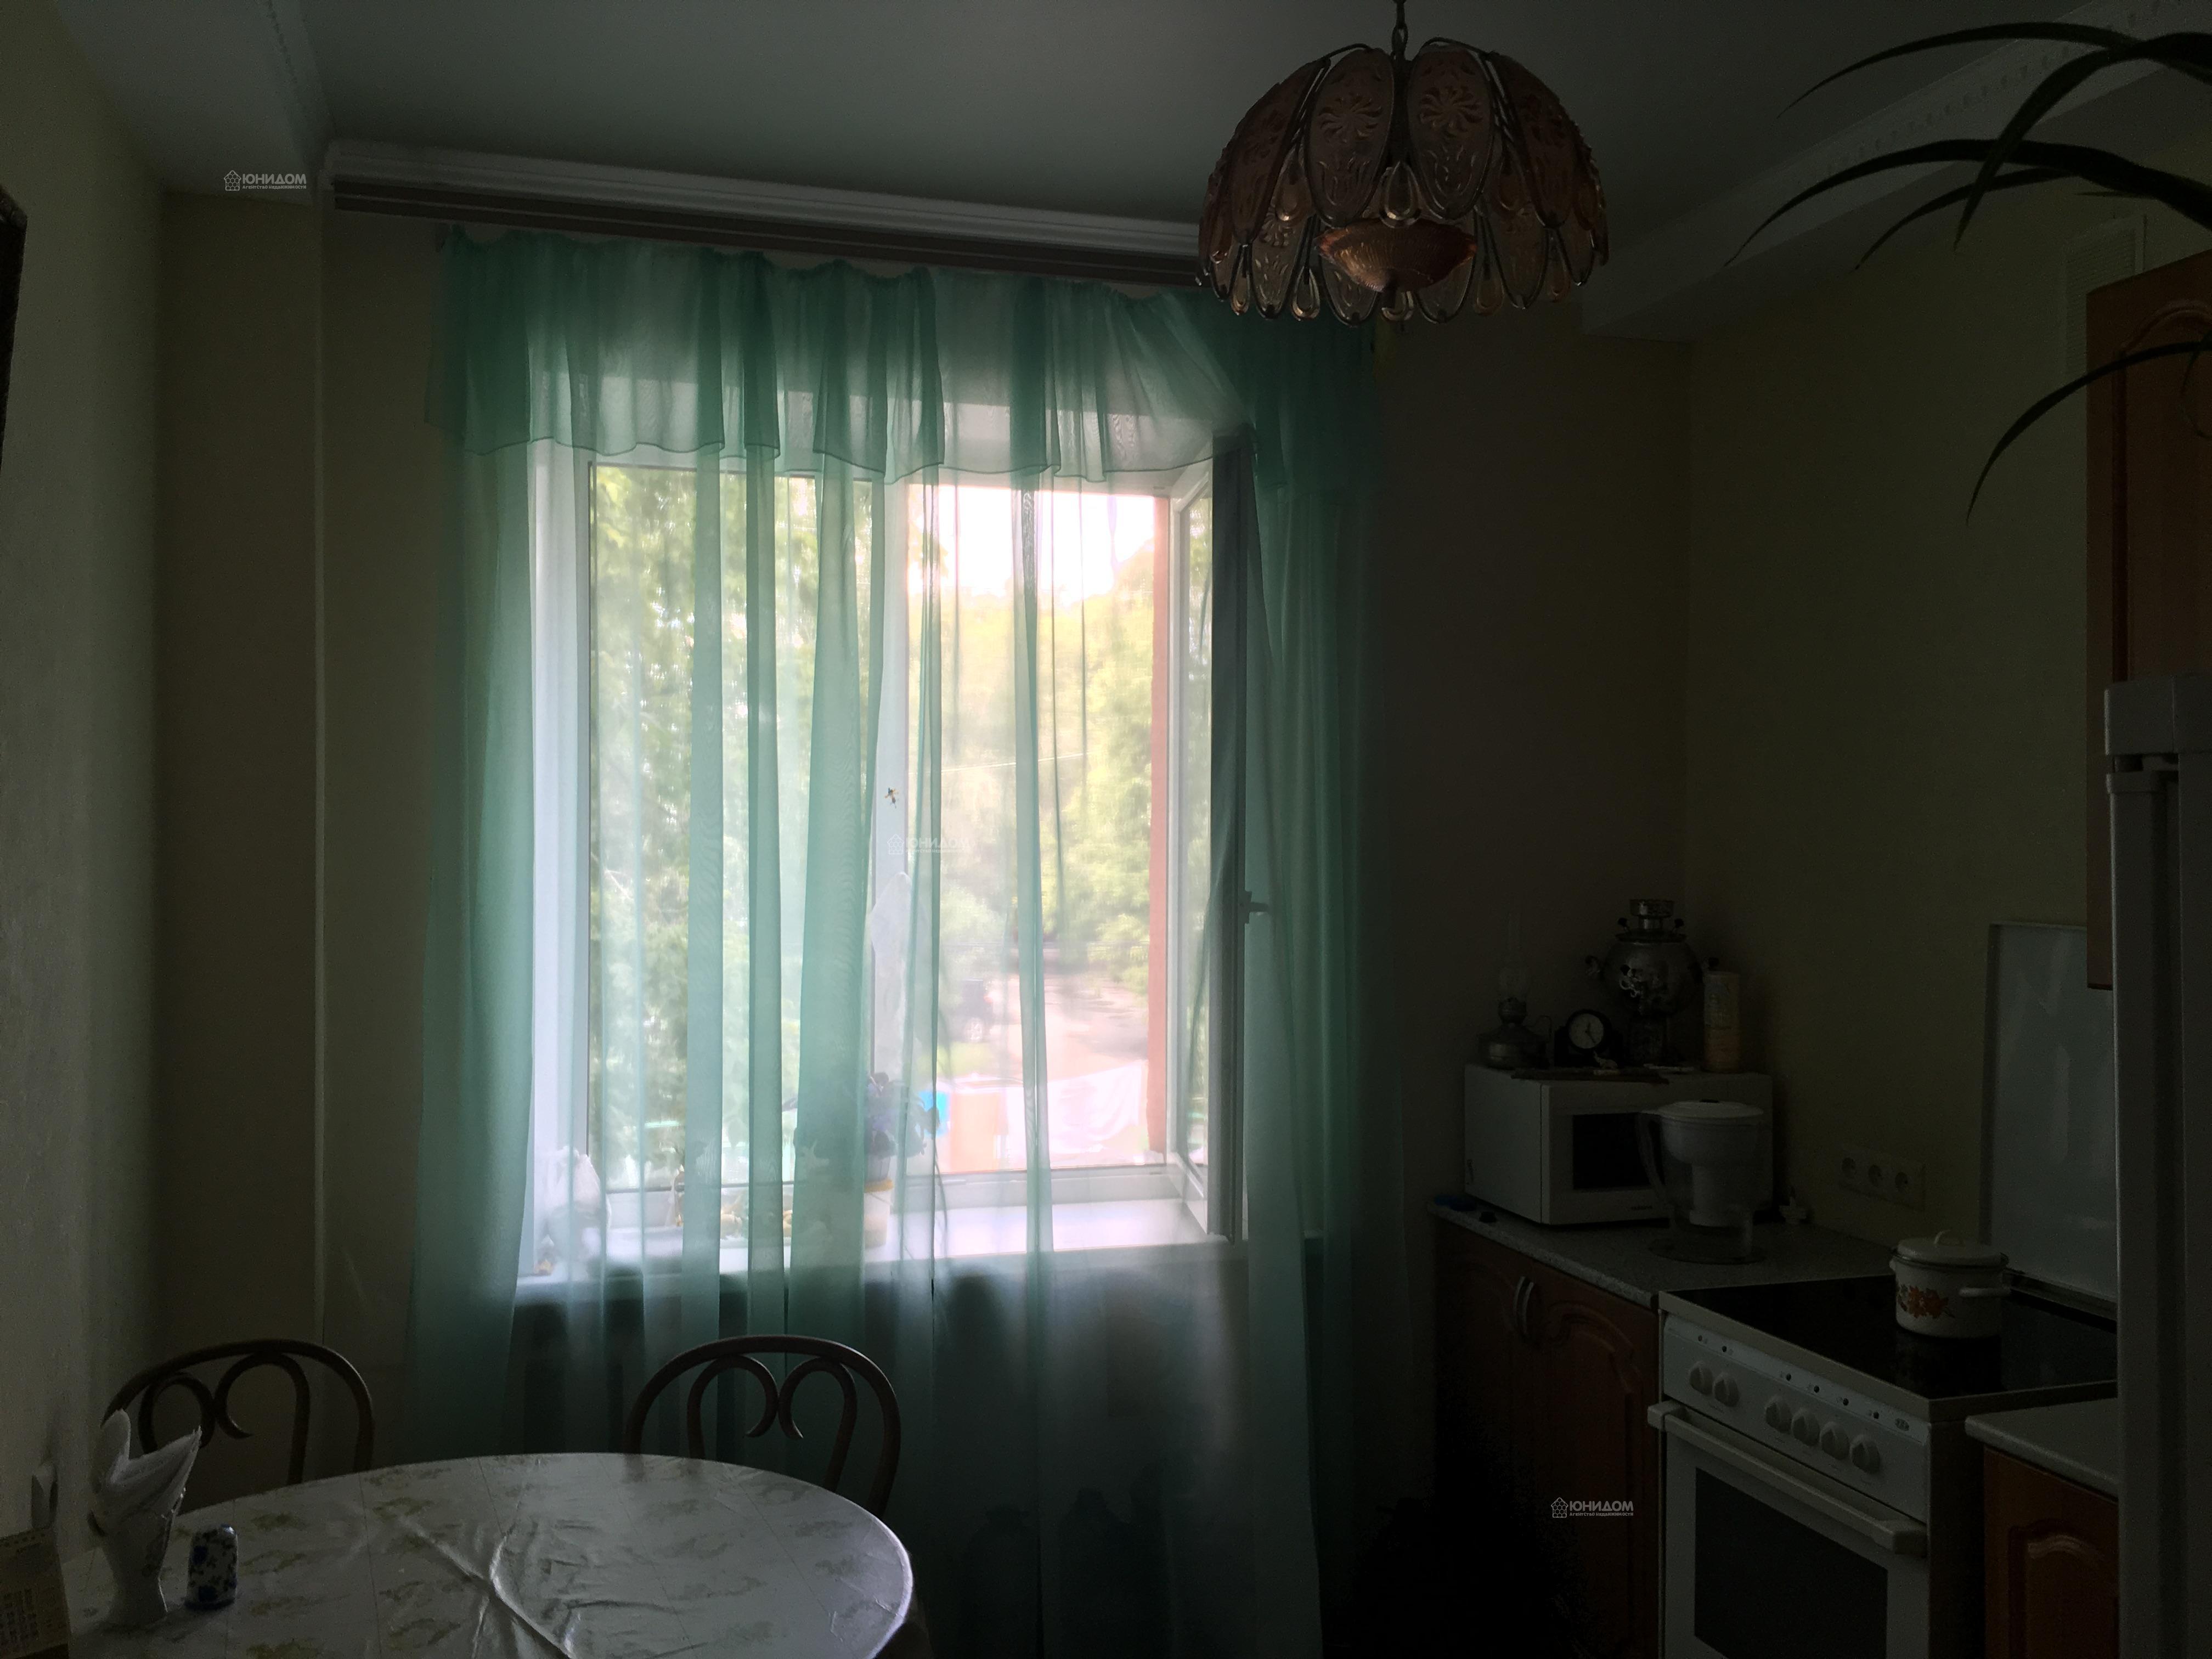 Продам 3-комн. квартиру по адресу Россия, Тюменская область, Тюмень, Минская 102 фото 15 по выгодной цене